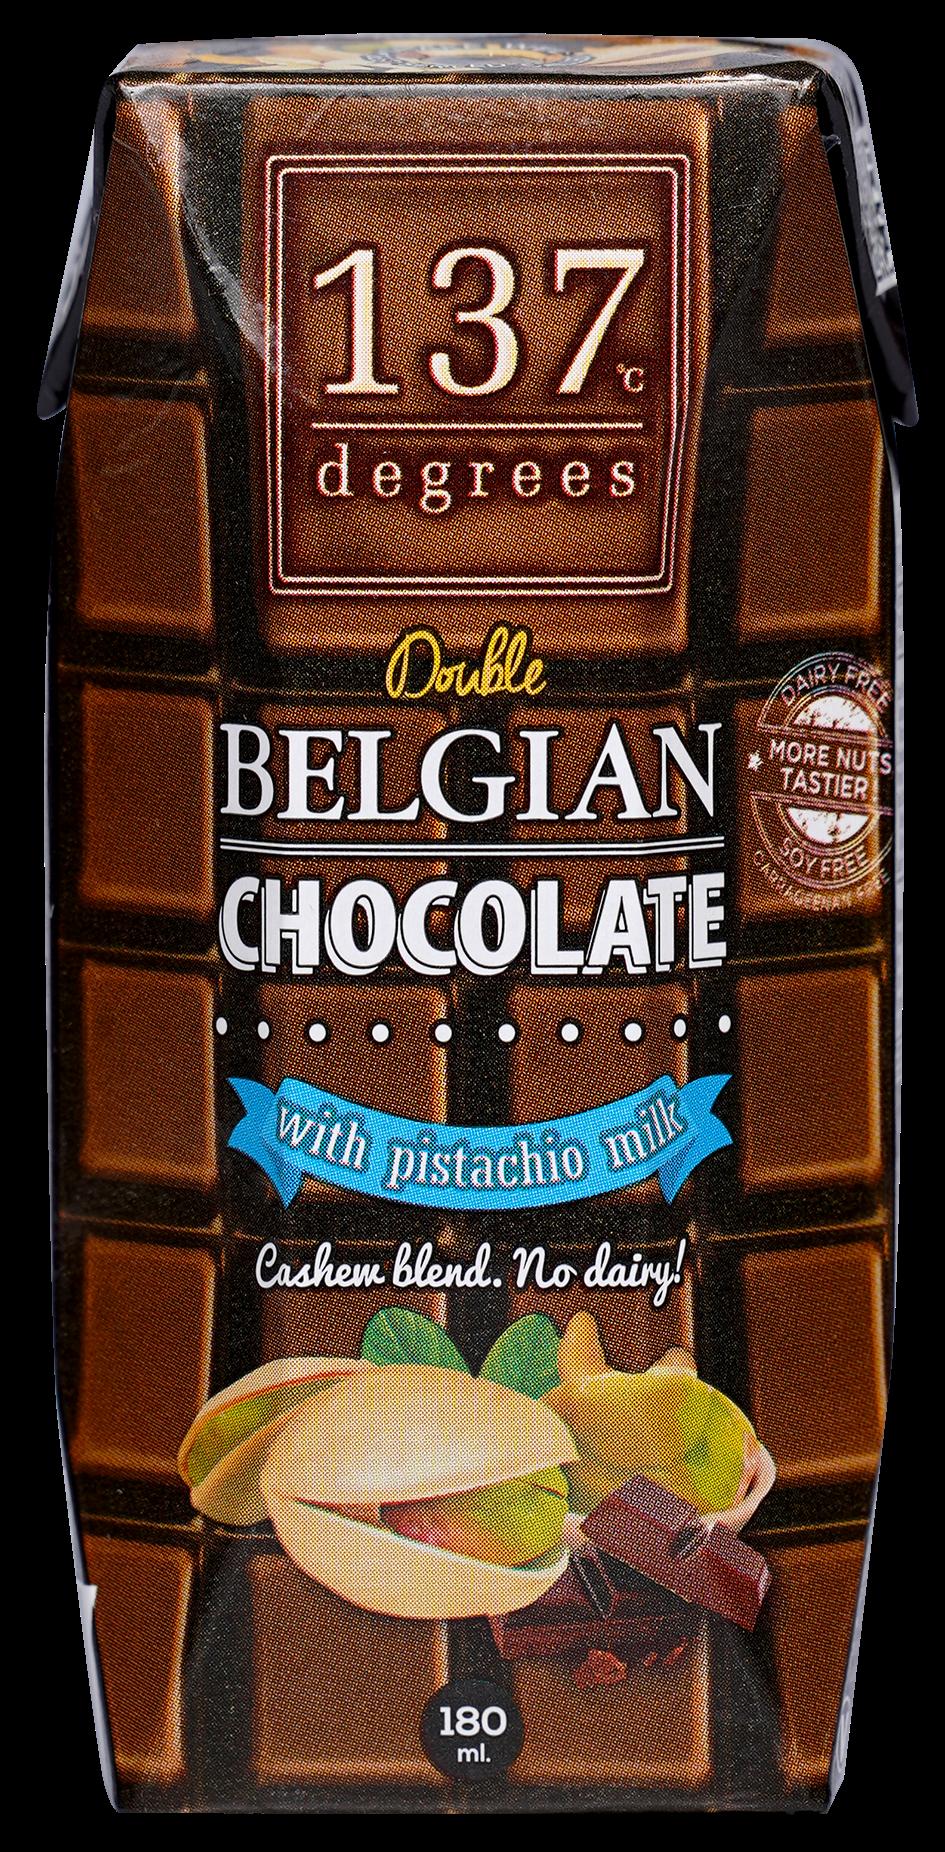 137°c Degrees Pistachio Milk with Double Belgian Chocolate 180ml